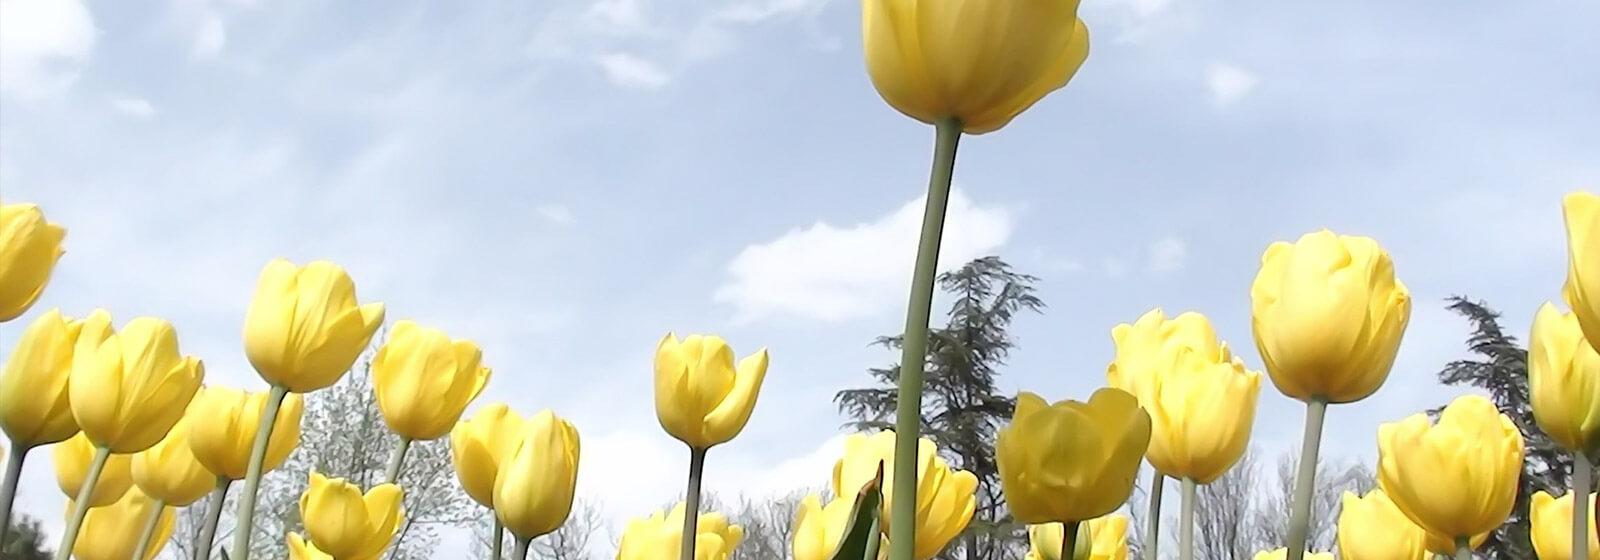 Spring image slide